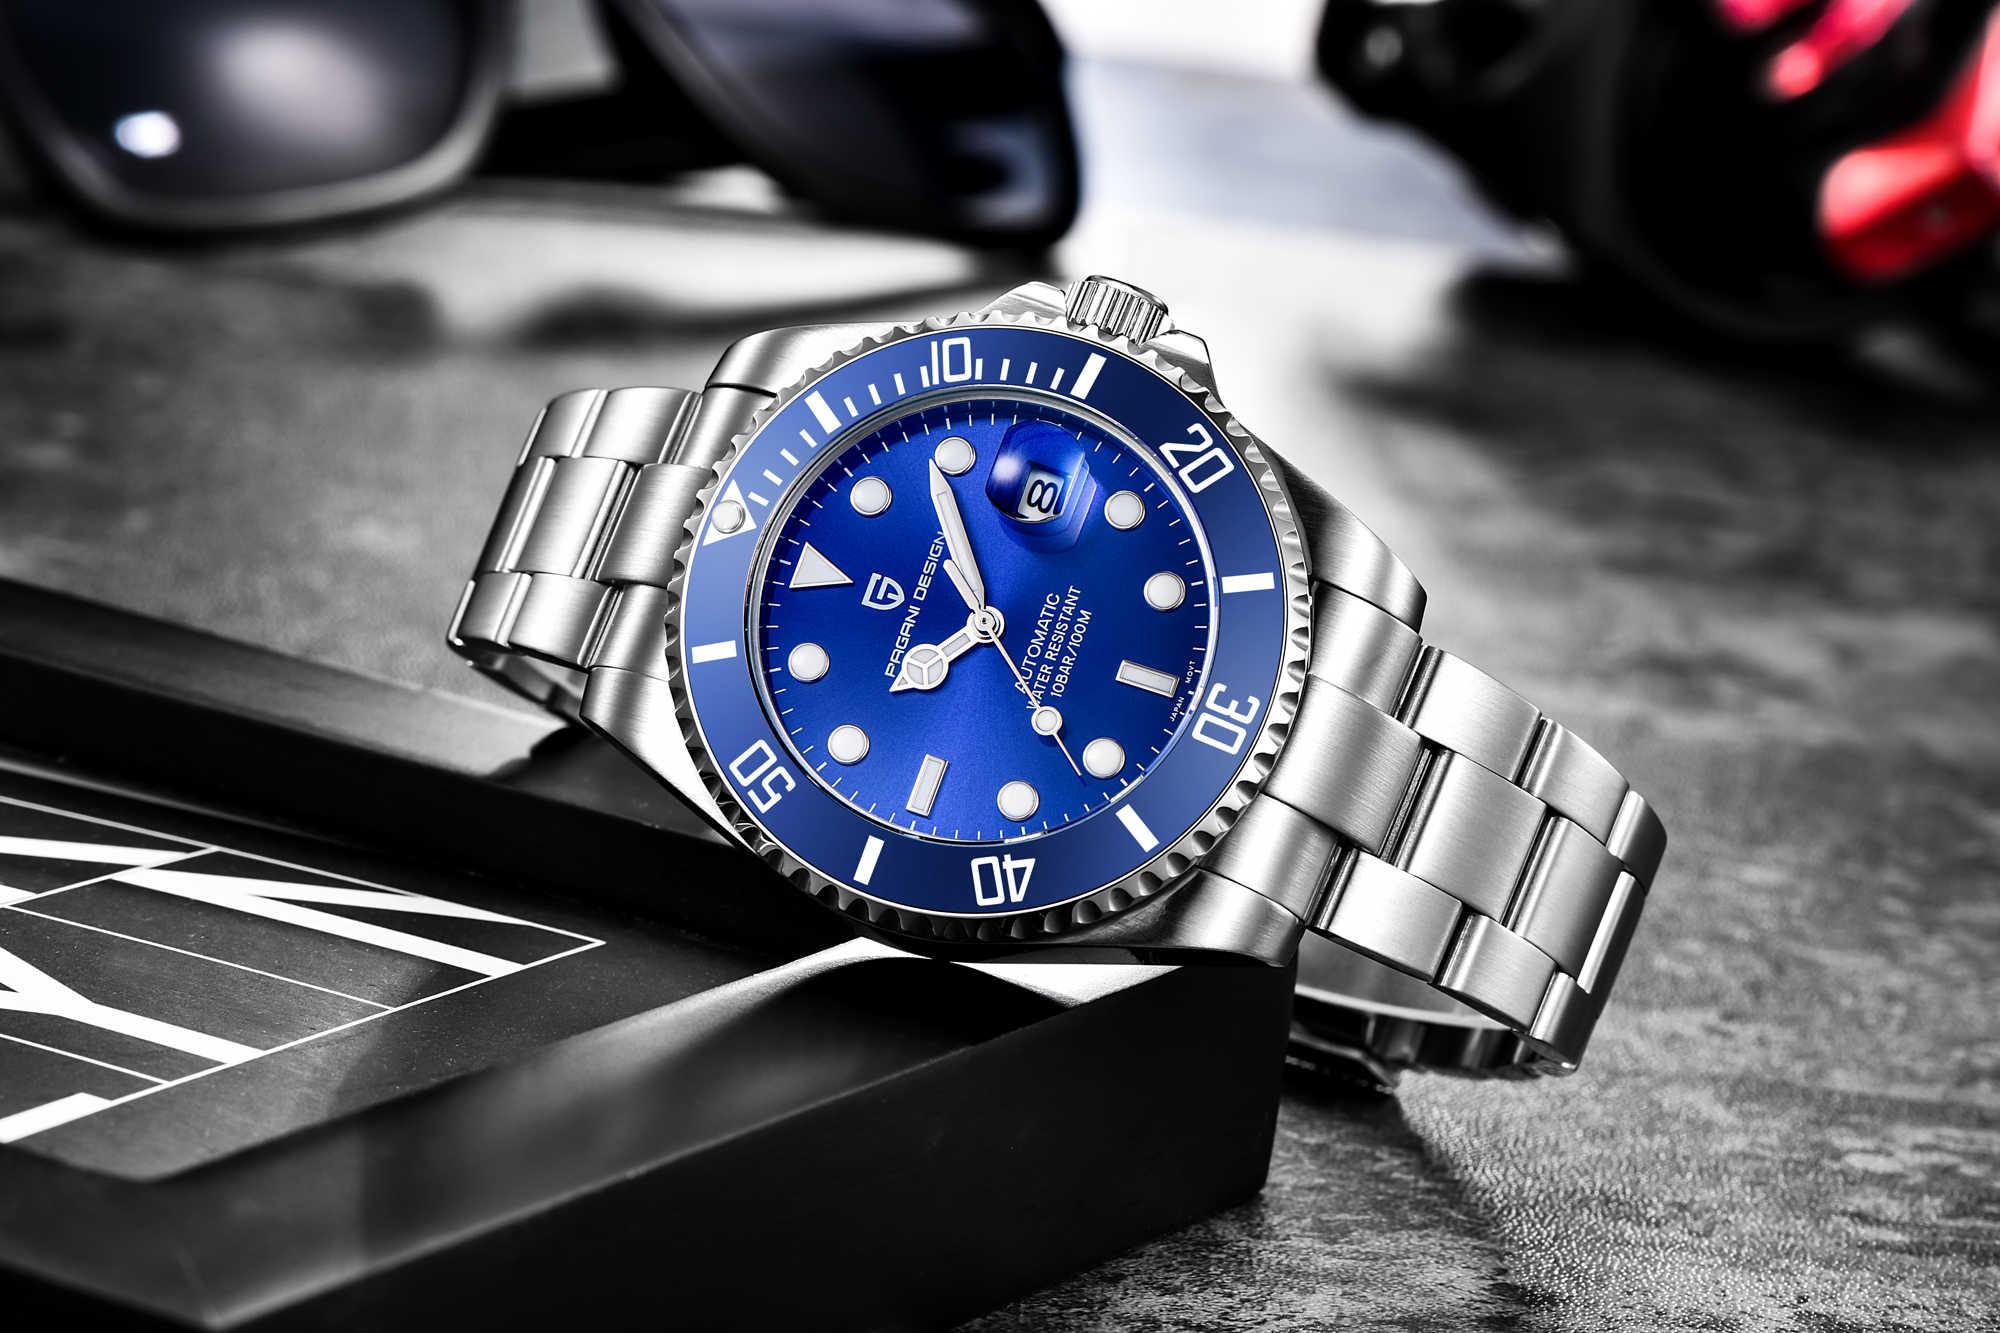 Marca de diseño PAGANI relojes de lujo para hombre, reloj de pulsera de zafiro mecánico automático resistente al agua para negocios, correa de acero inoxidable